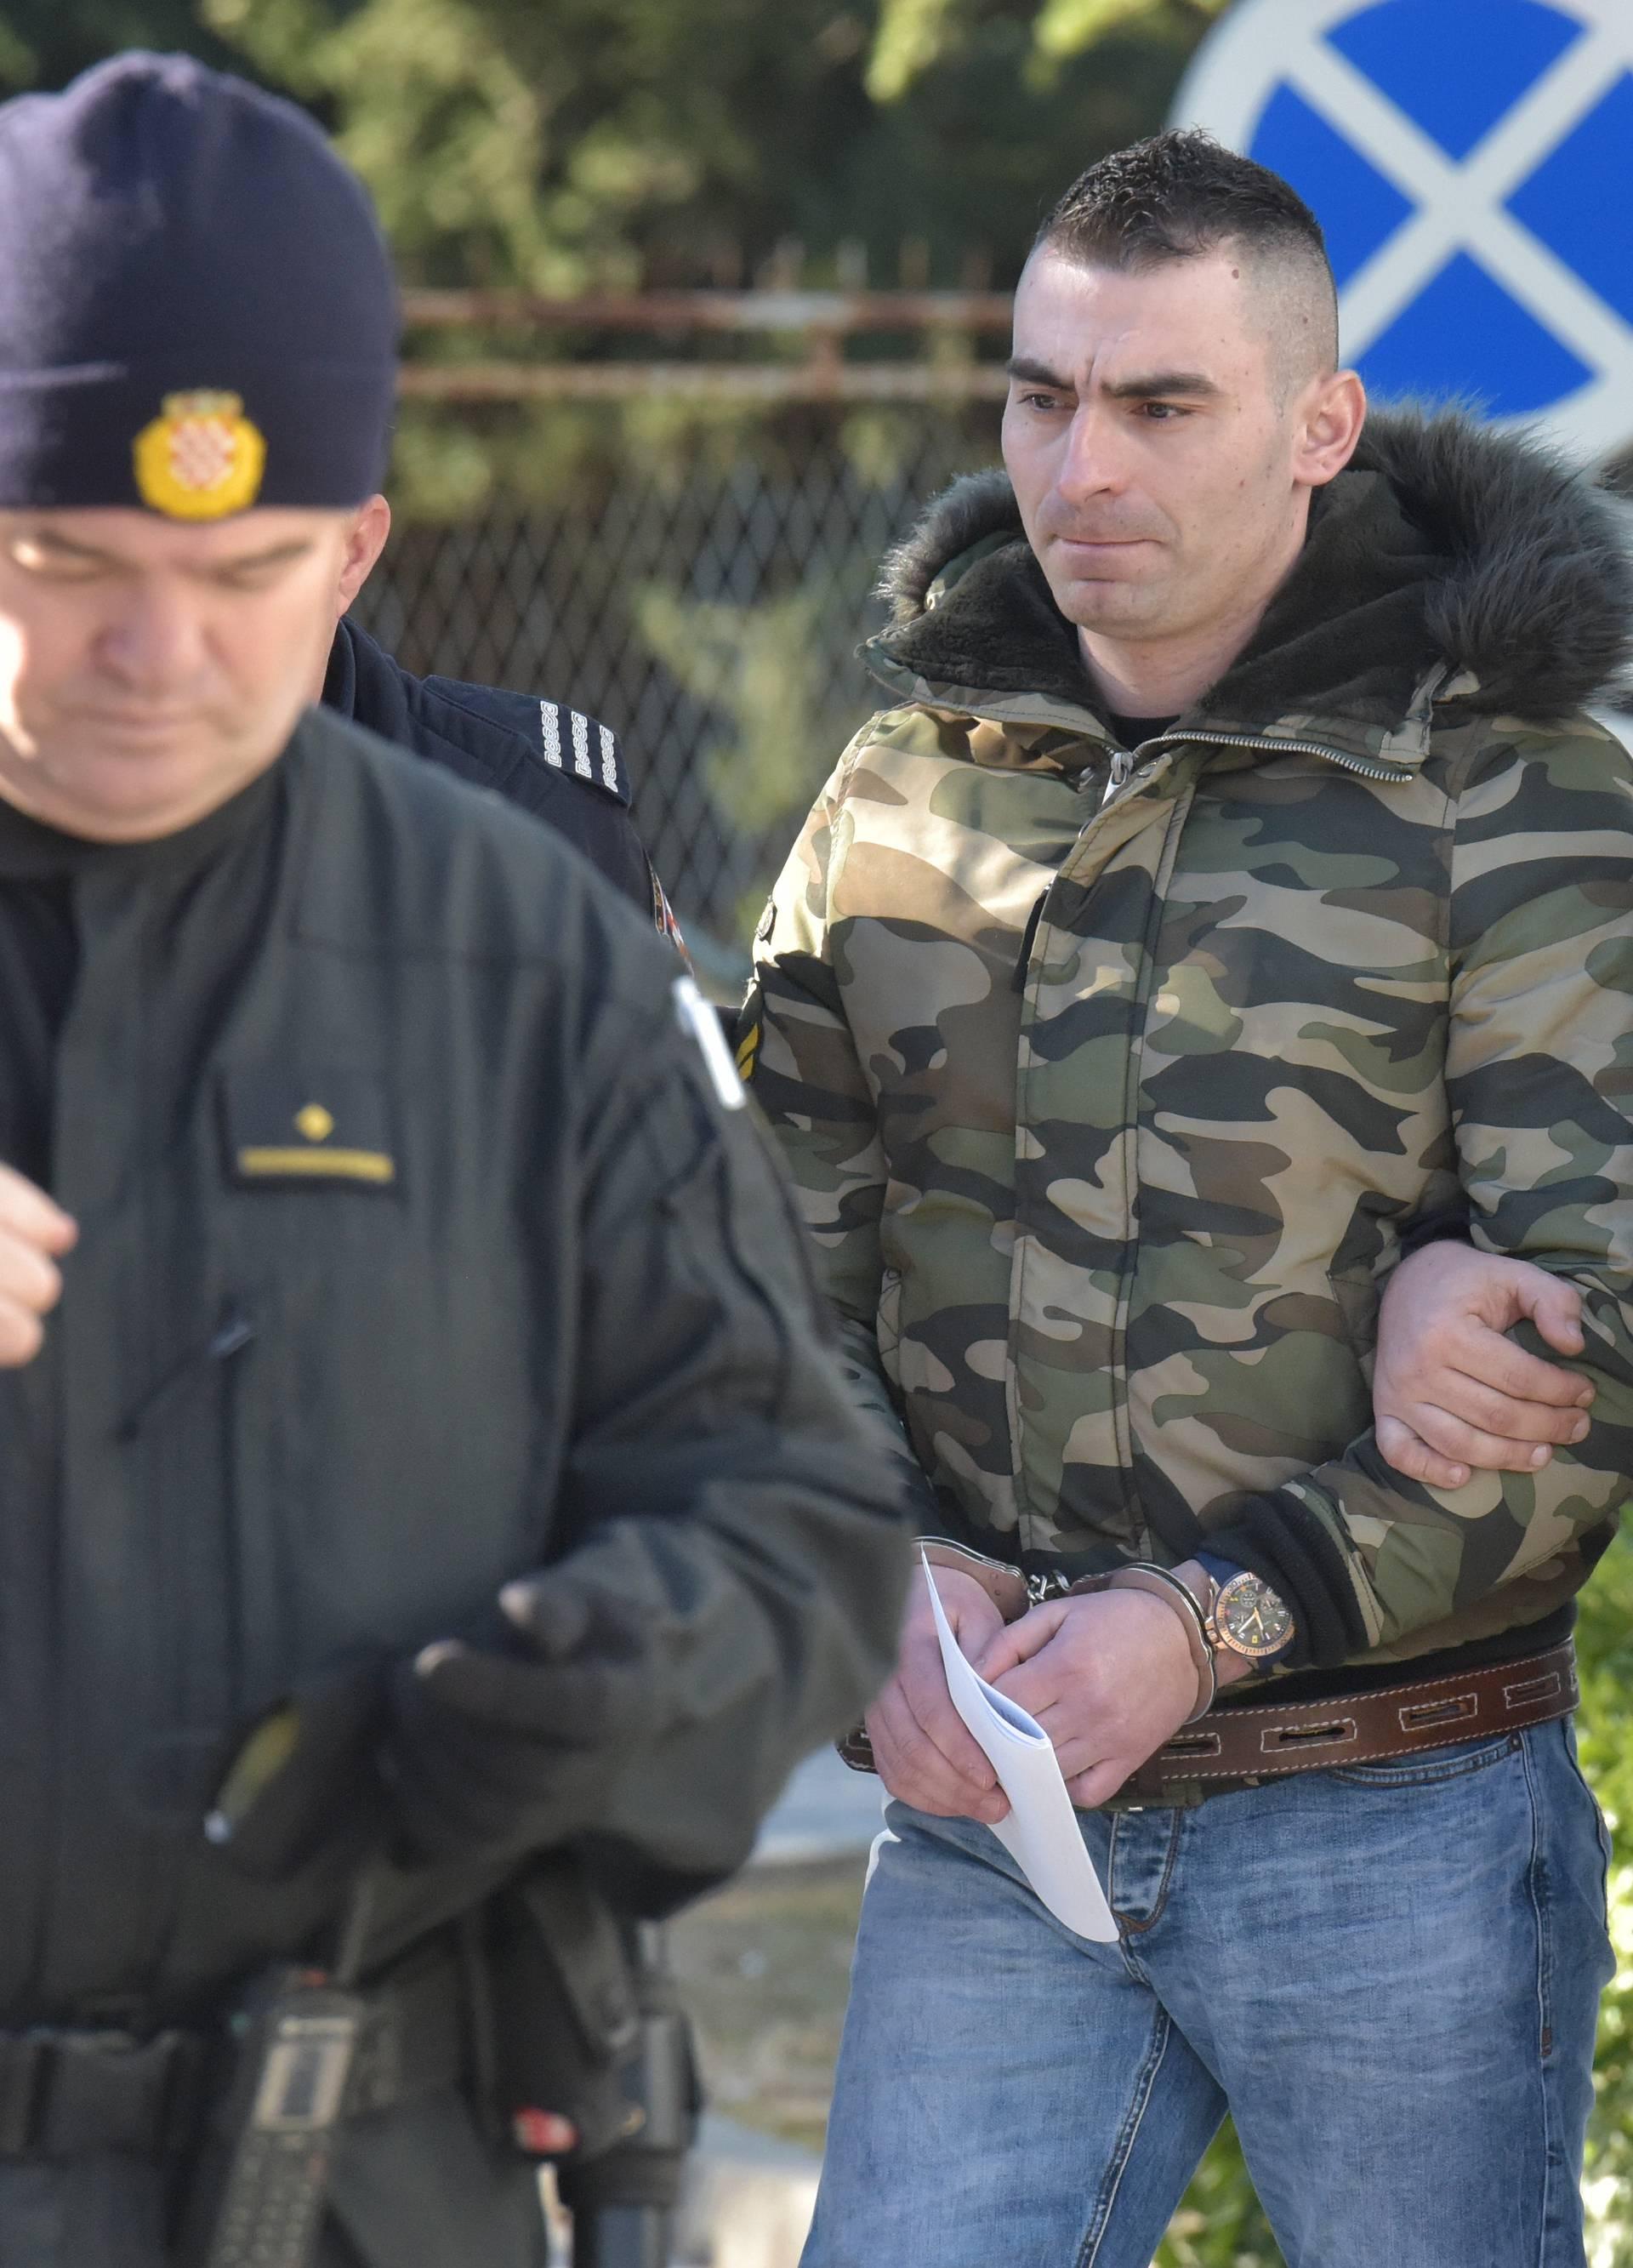 Zadar: Daruvarac za brutalno premlaćivanje djevojke dobio pet godina zatvora